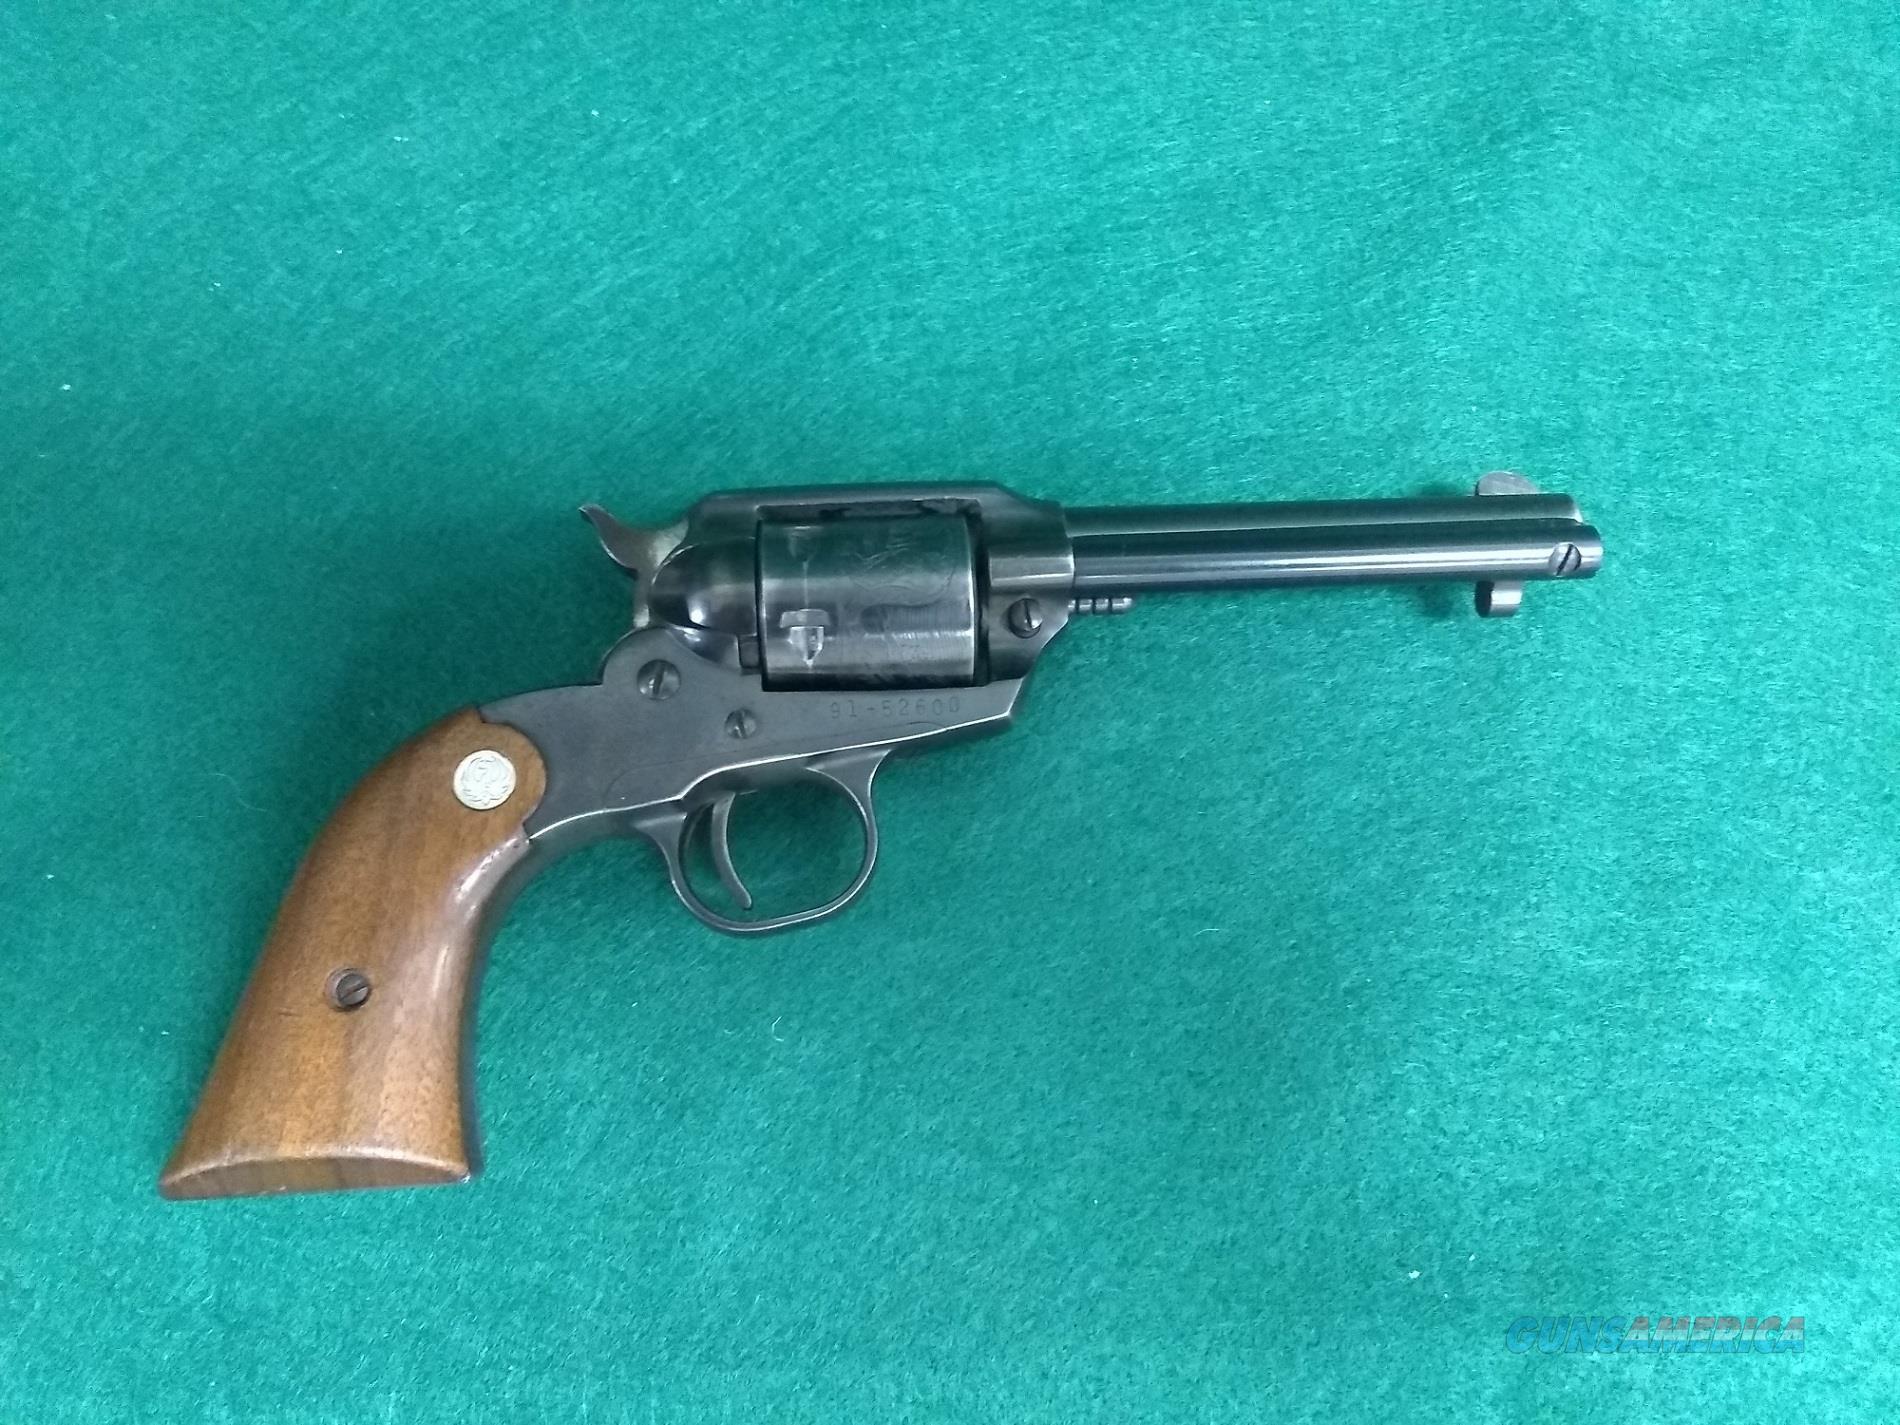 """Ruger Bearcat 22LR Single Action Revolver - 4"""" Barrel  Guns > Pistols > Ruger Single Action Revolvers > Bearcat"""